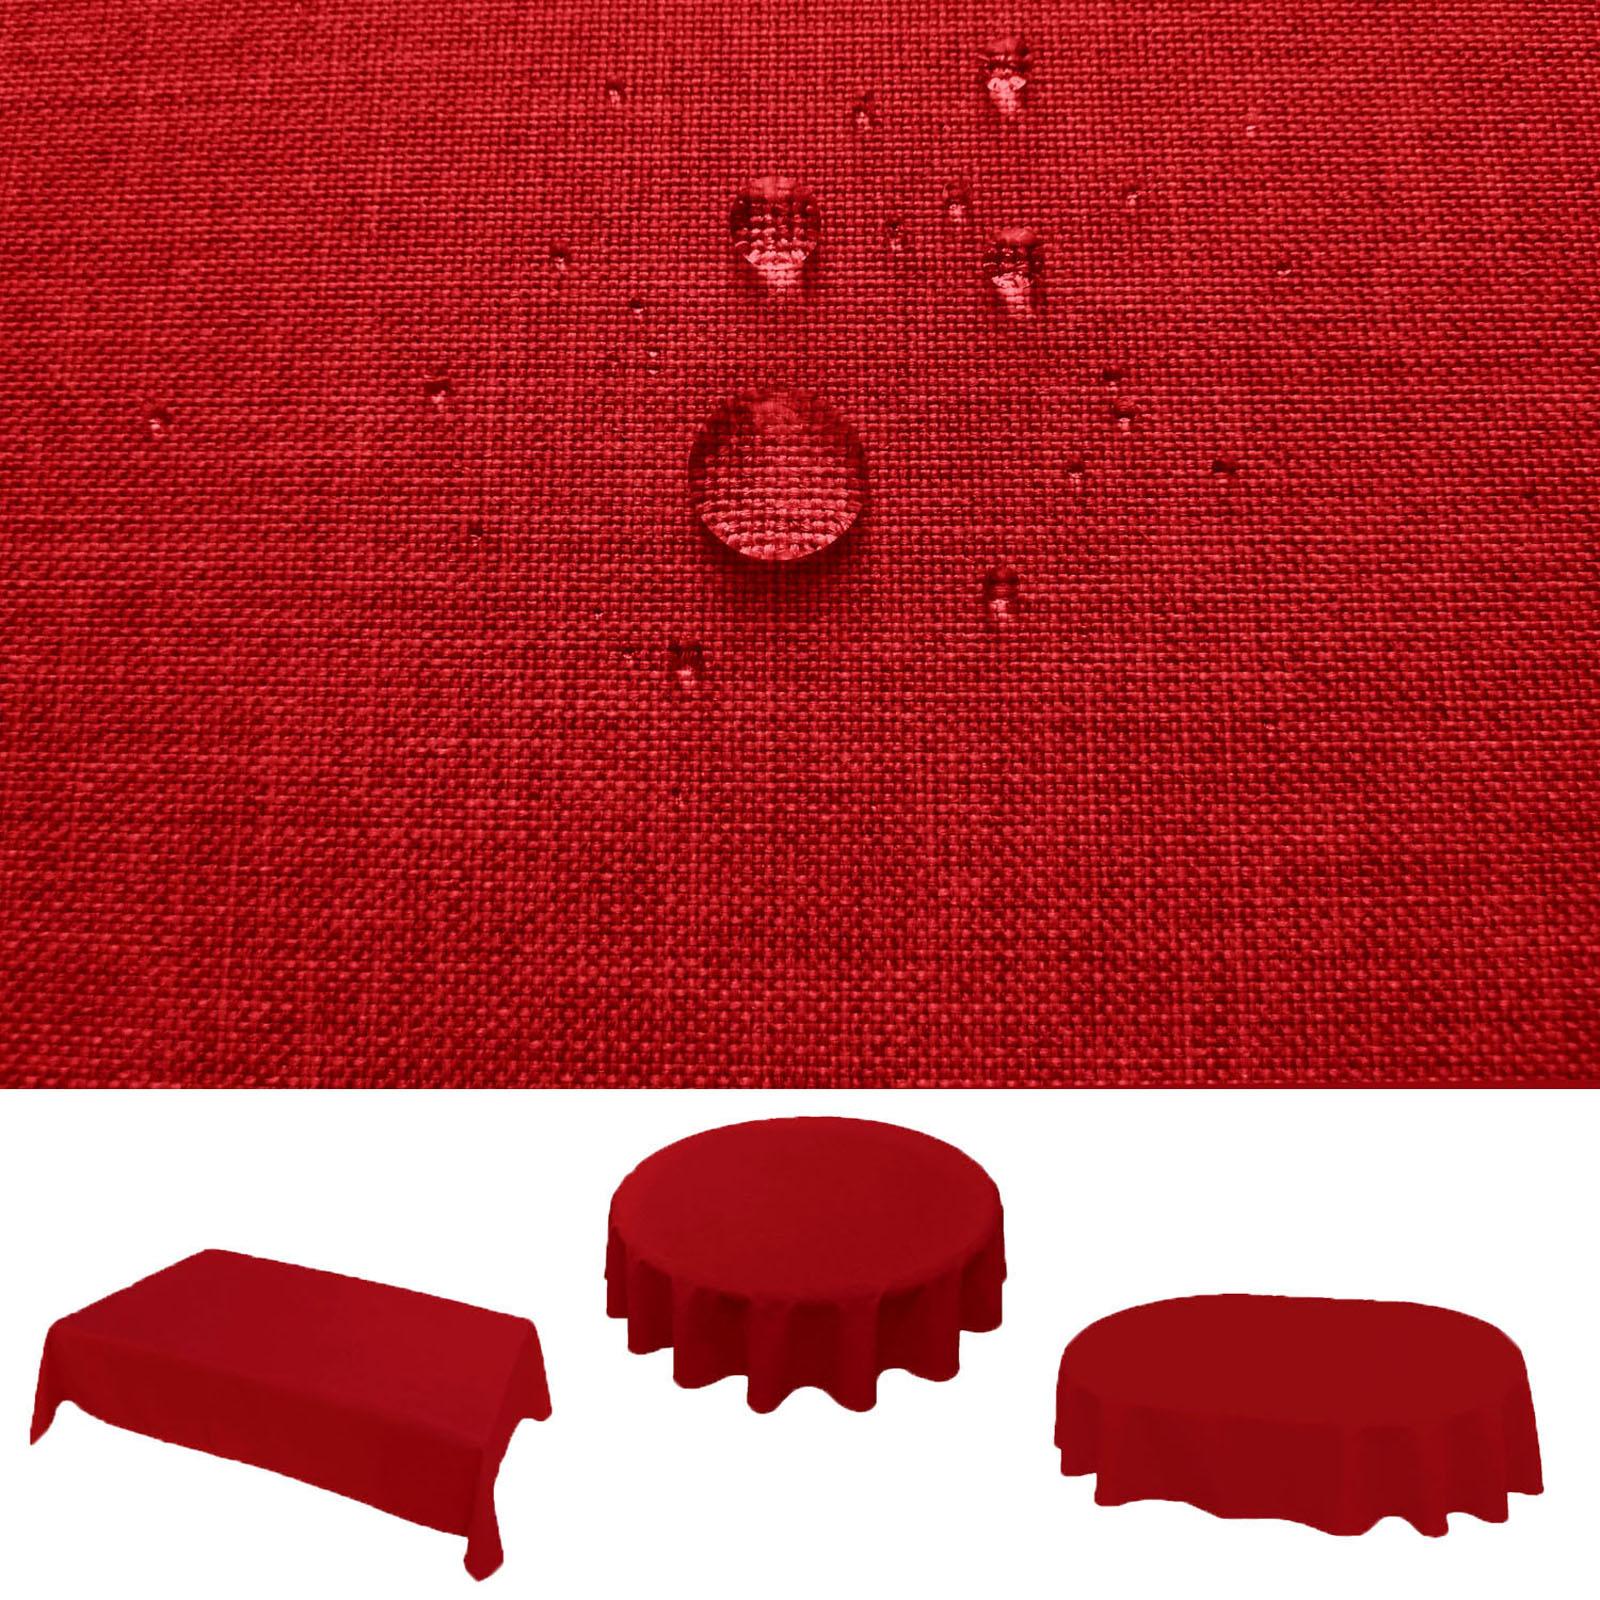 leinen tischdecke rund gallery of textil tischdecke leinenoptik cm rund mit fleckschutz grau. Black Bedroom Furniture Sets. Home Design Ideas